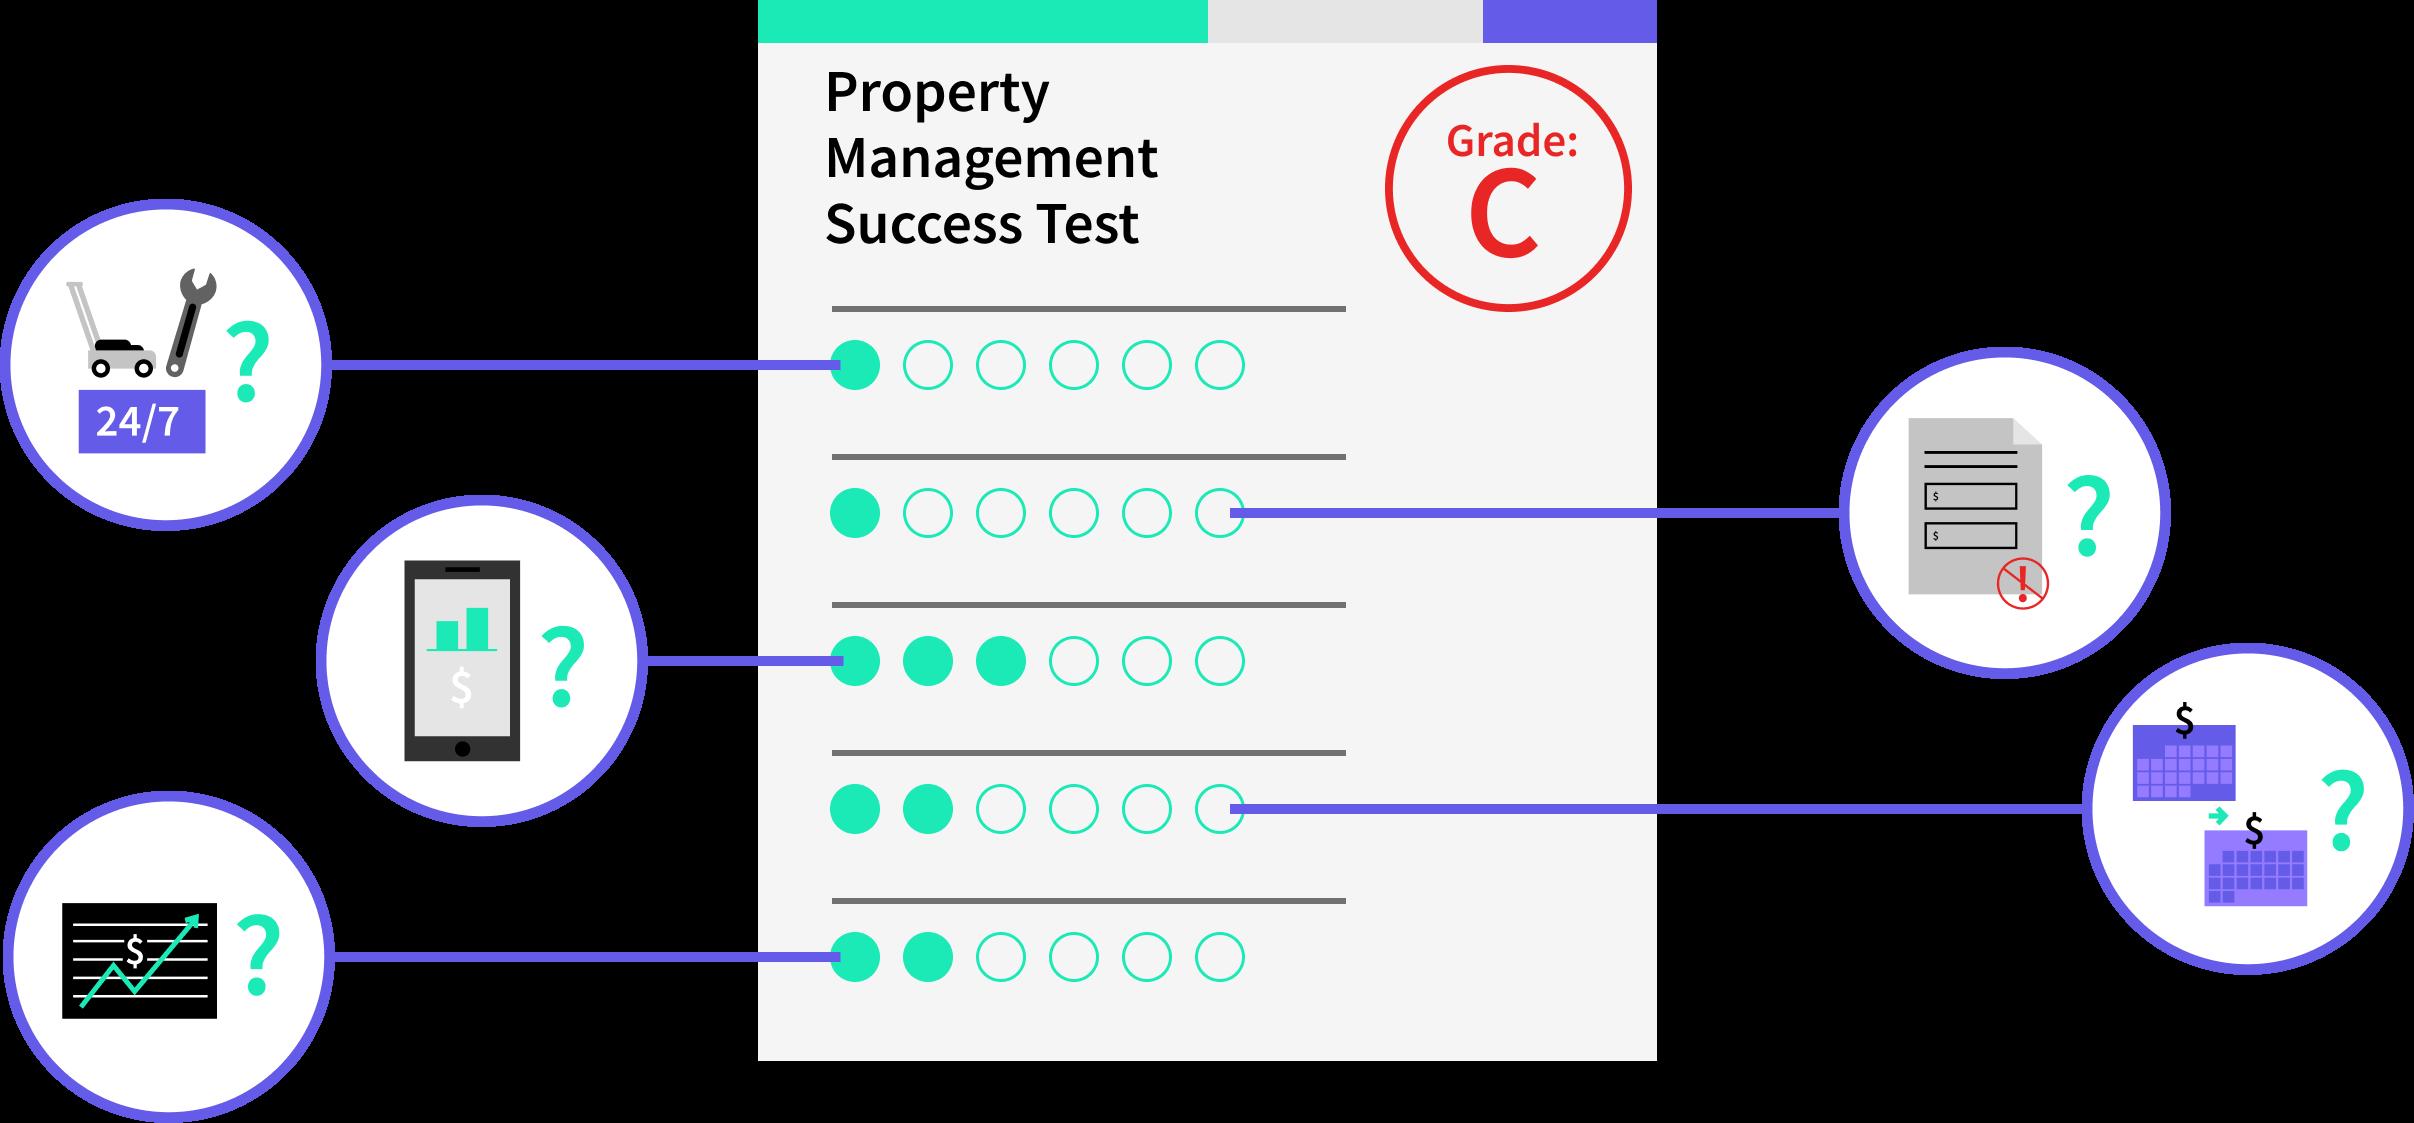 Property Management Success Test